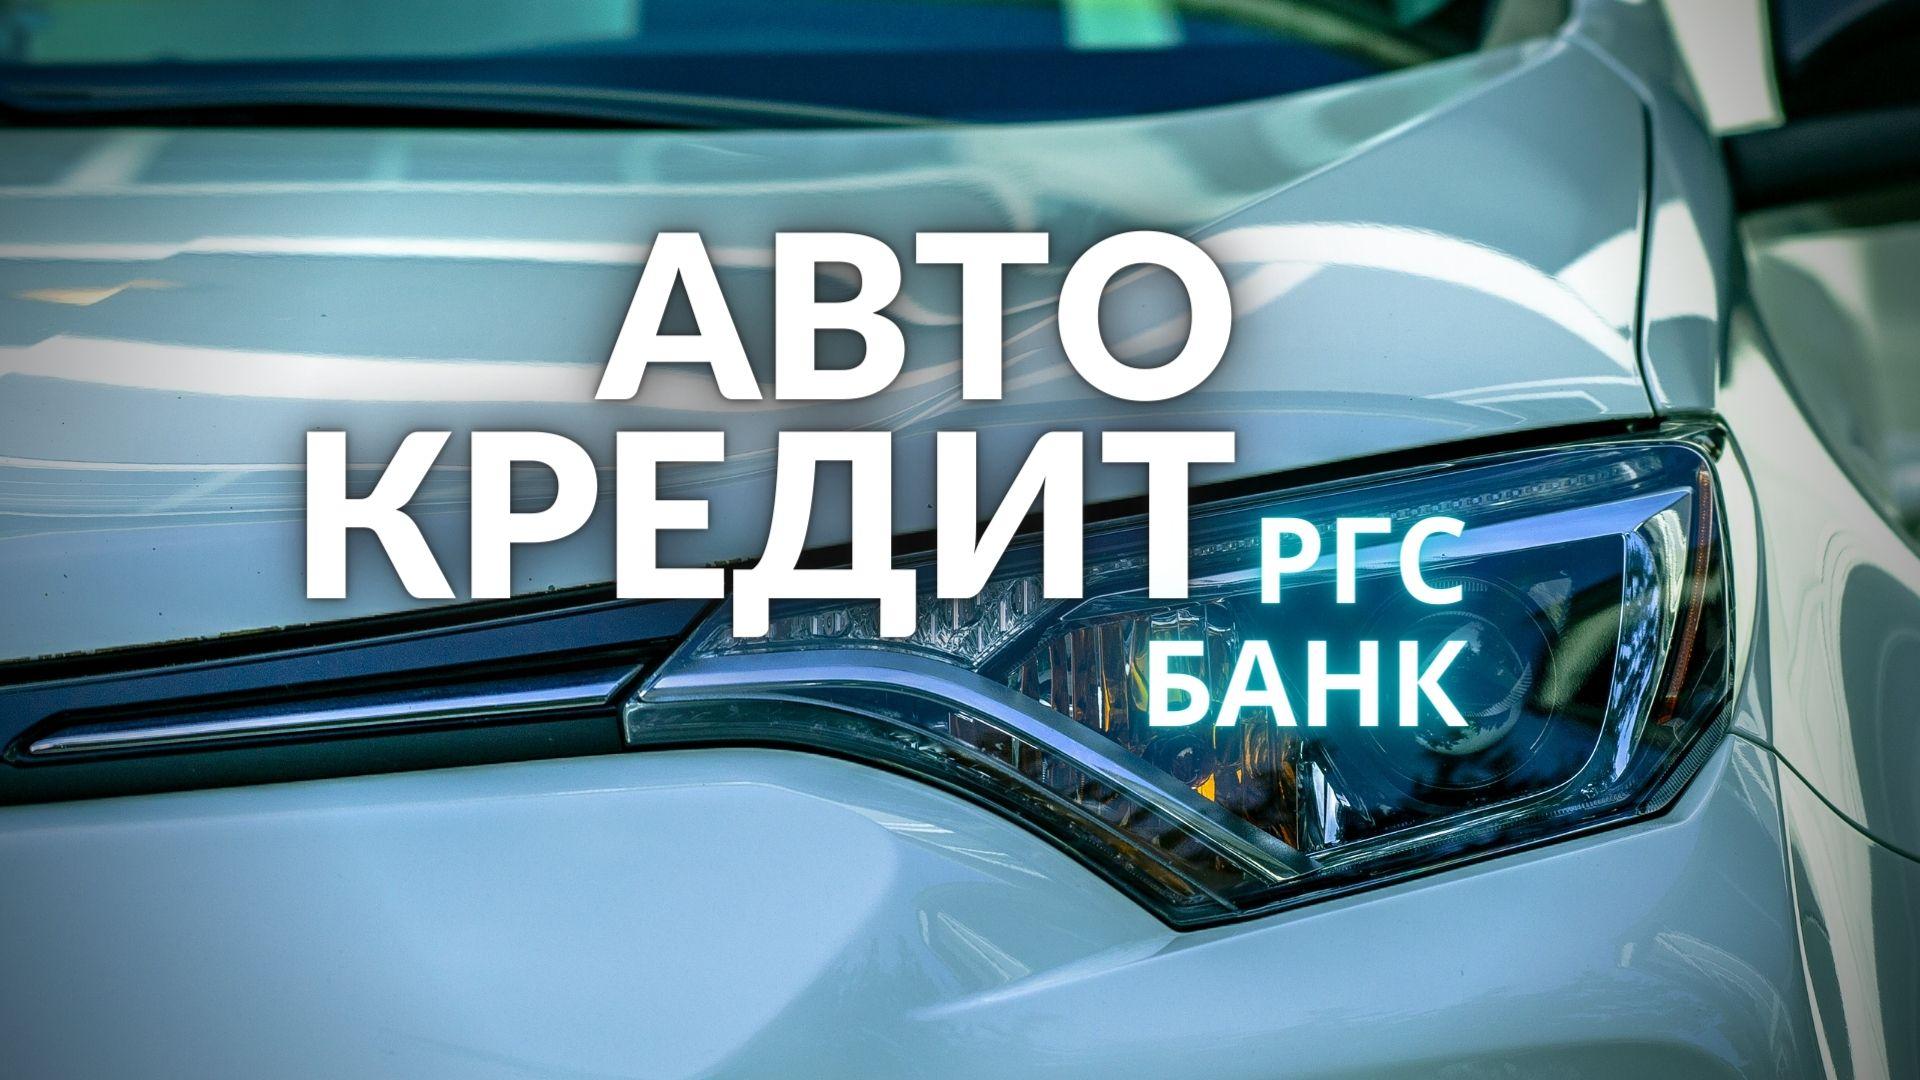 Автокредит в Росгосстрах (РГС) банке на подержанное авто. Условия